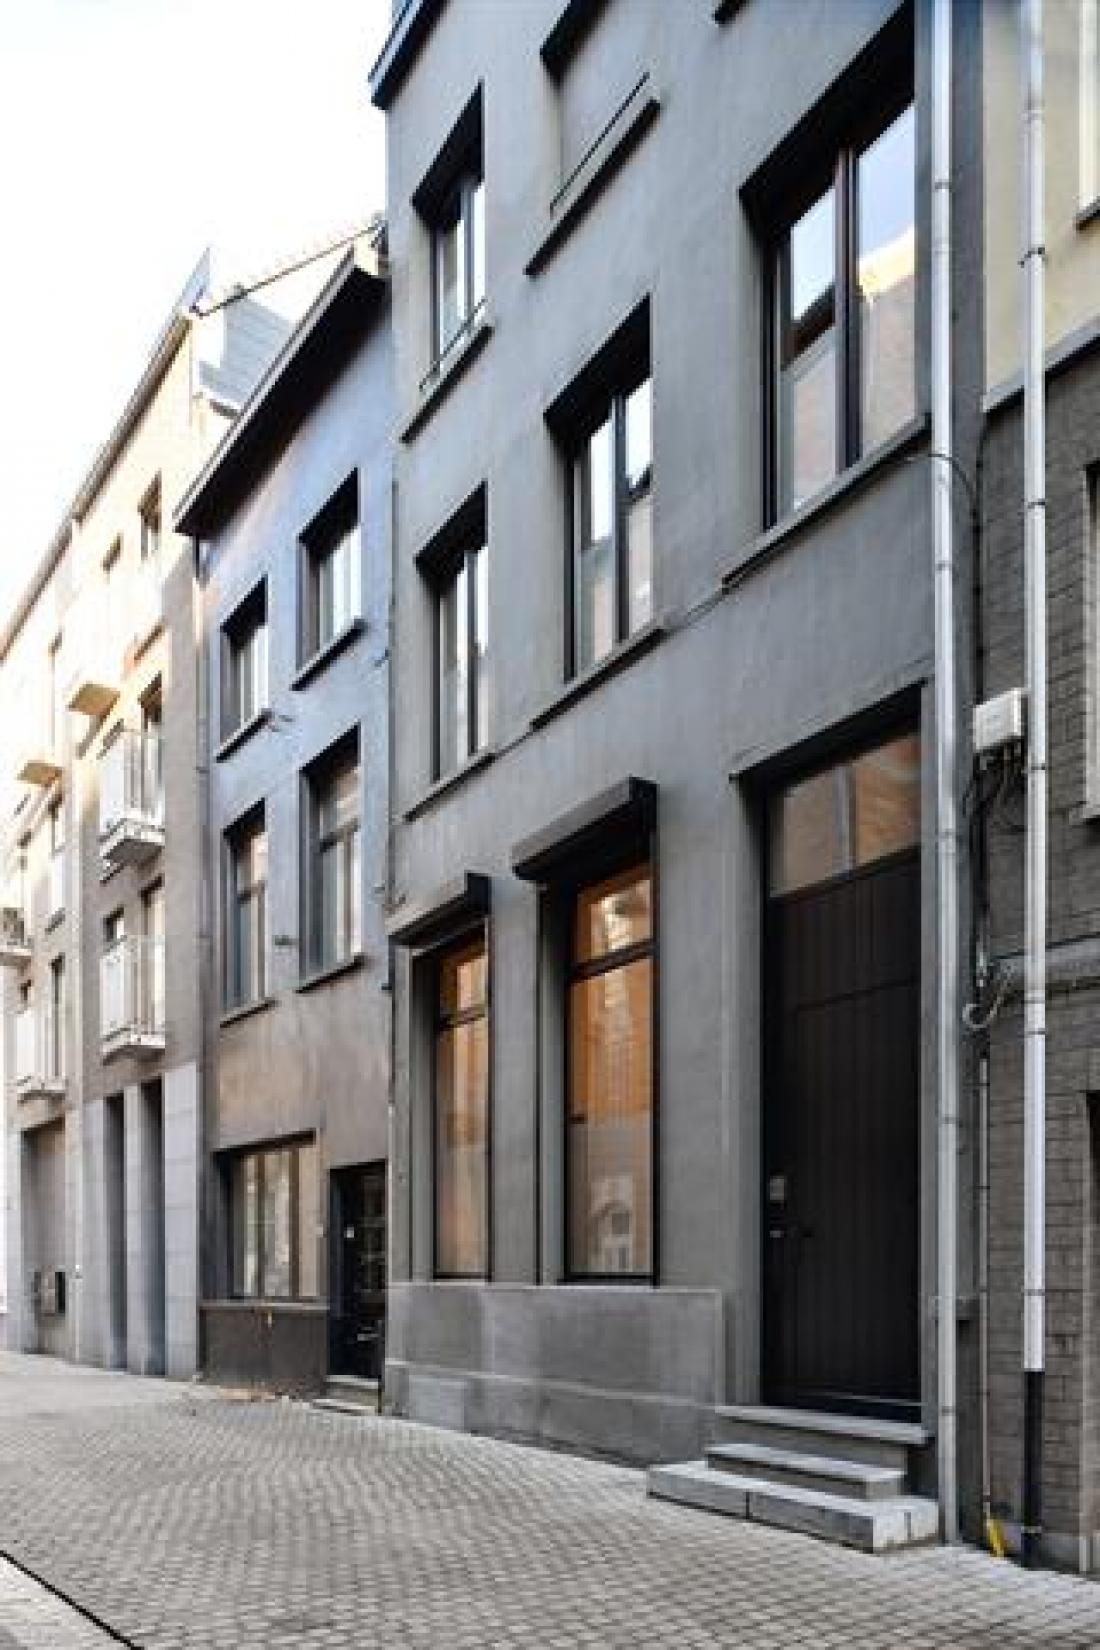 Vernieuwd herenhuis in eeuwenoud centrum van Antwerpen